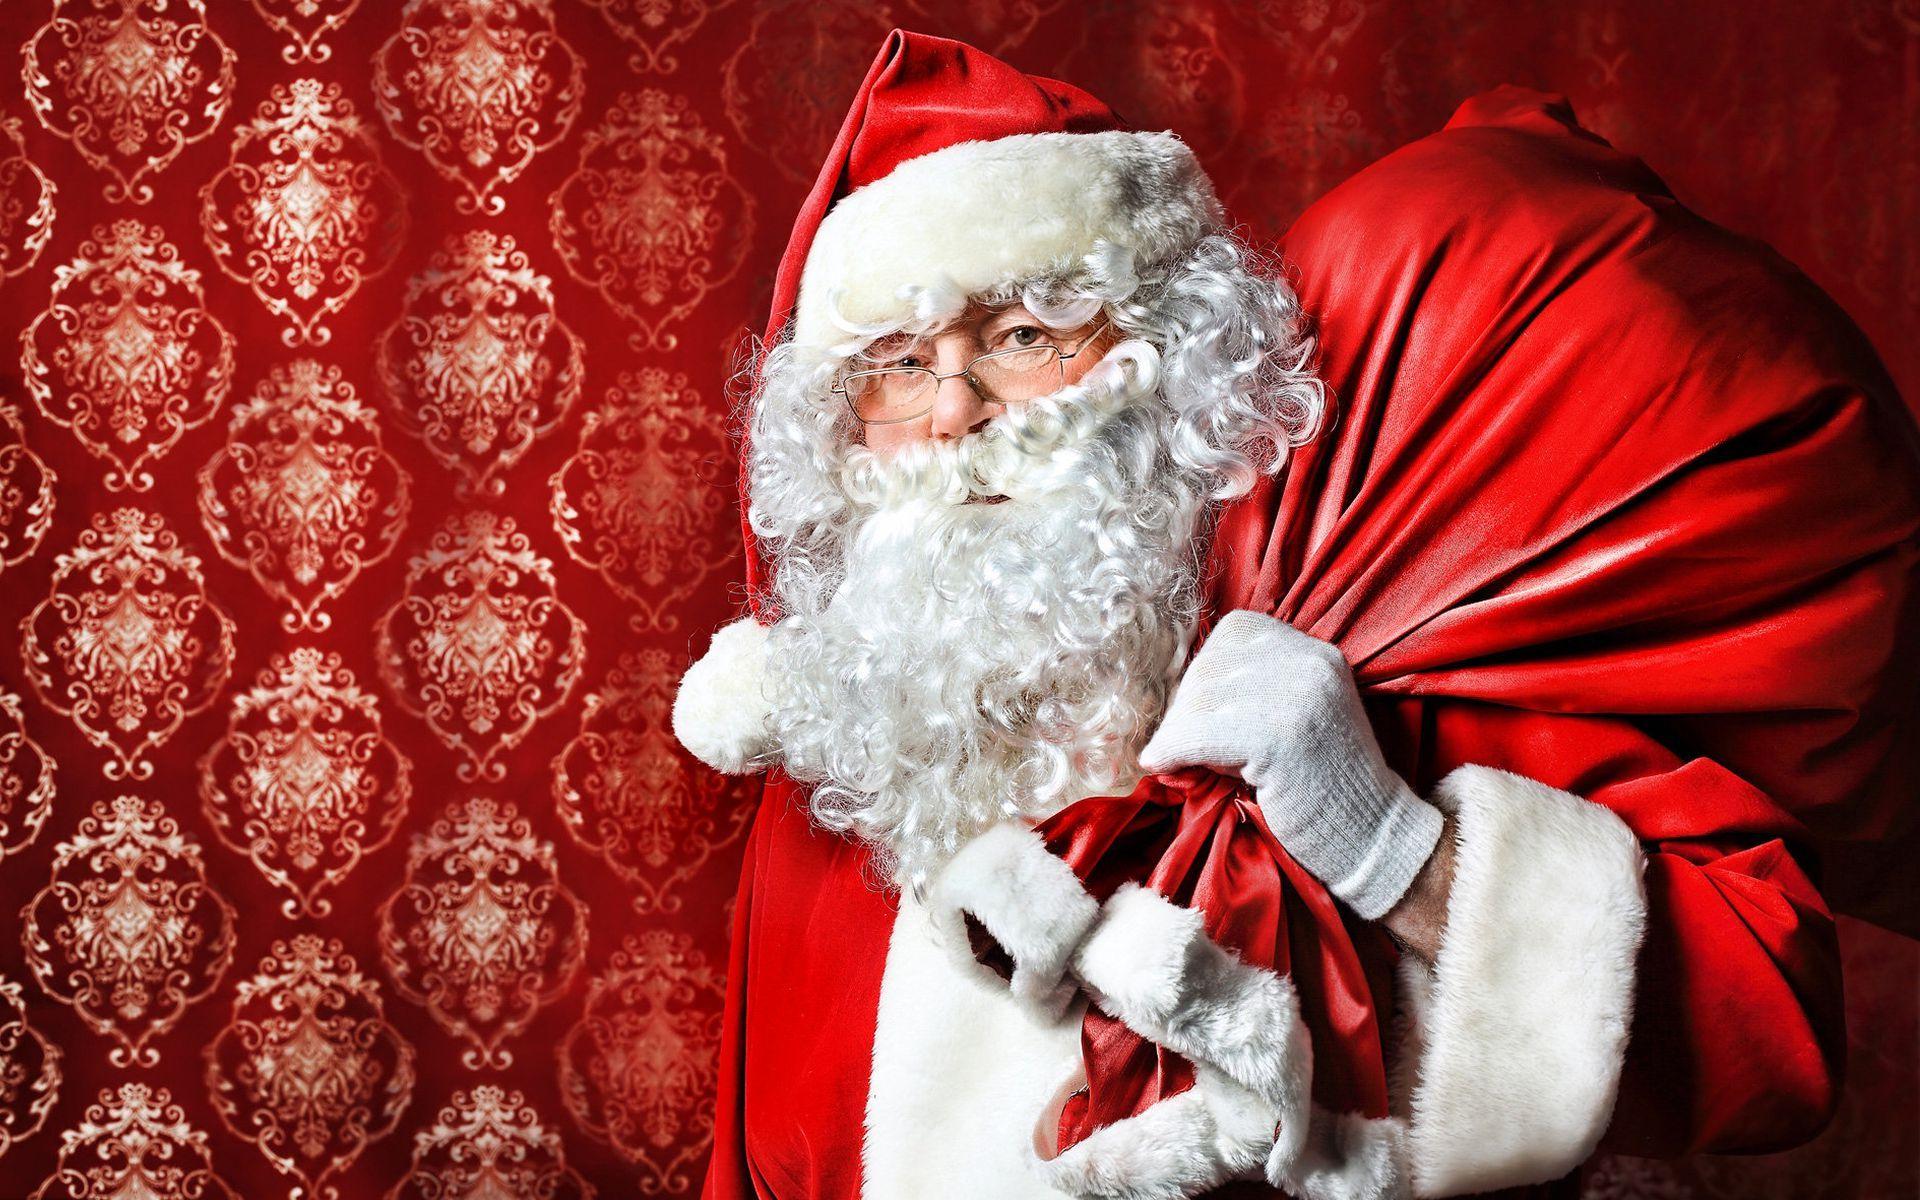 ВЦИОМ назвал главные просьбы россиян к Деду Морозу